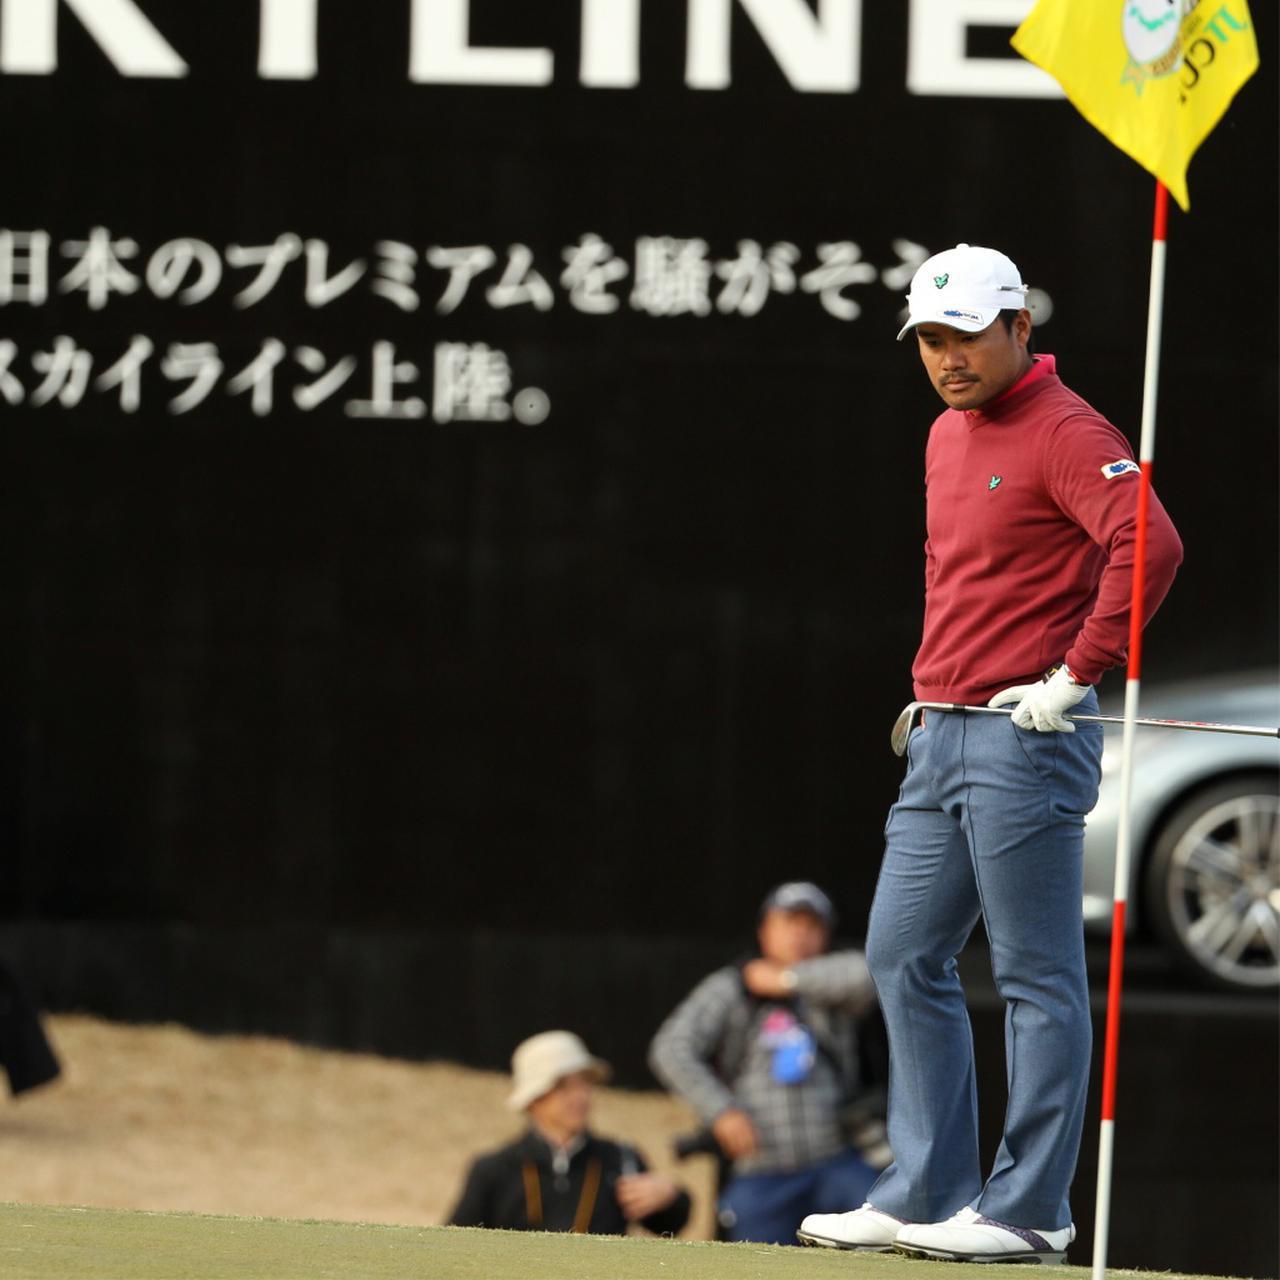 画像6: 【ゴルフ史】記憶と記録に残る。21世紀ニッポンのツアー、そのとき歴史は動いた